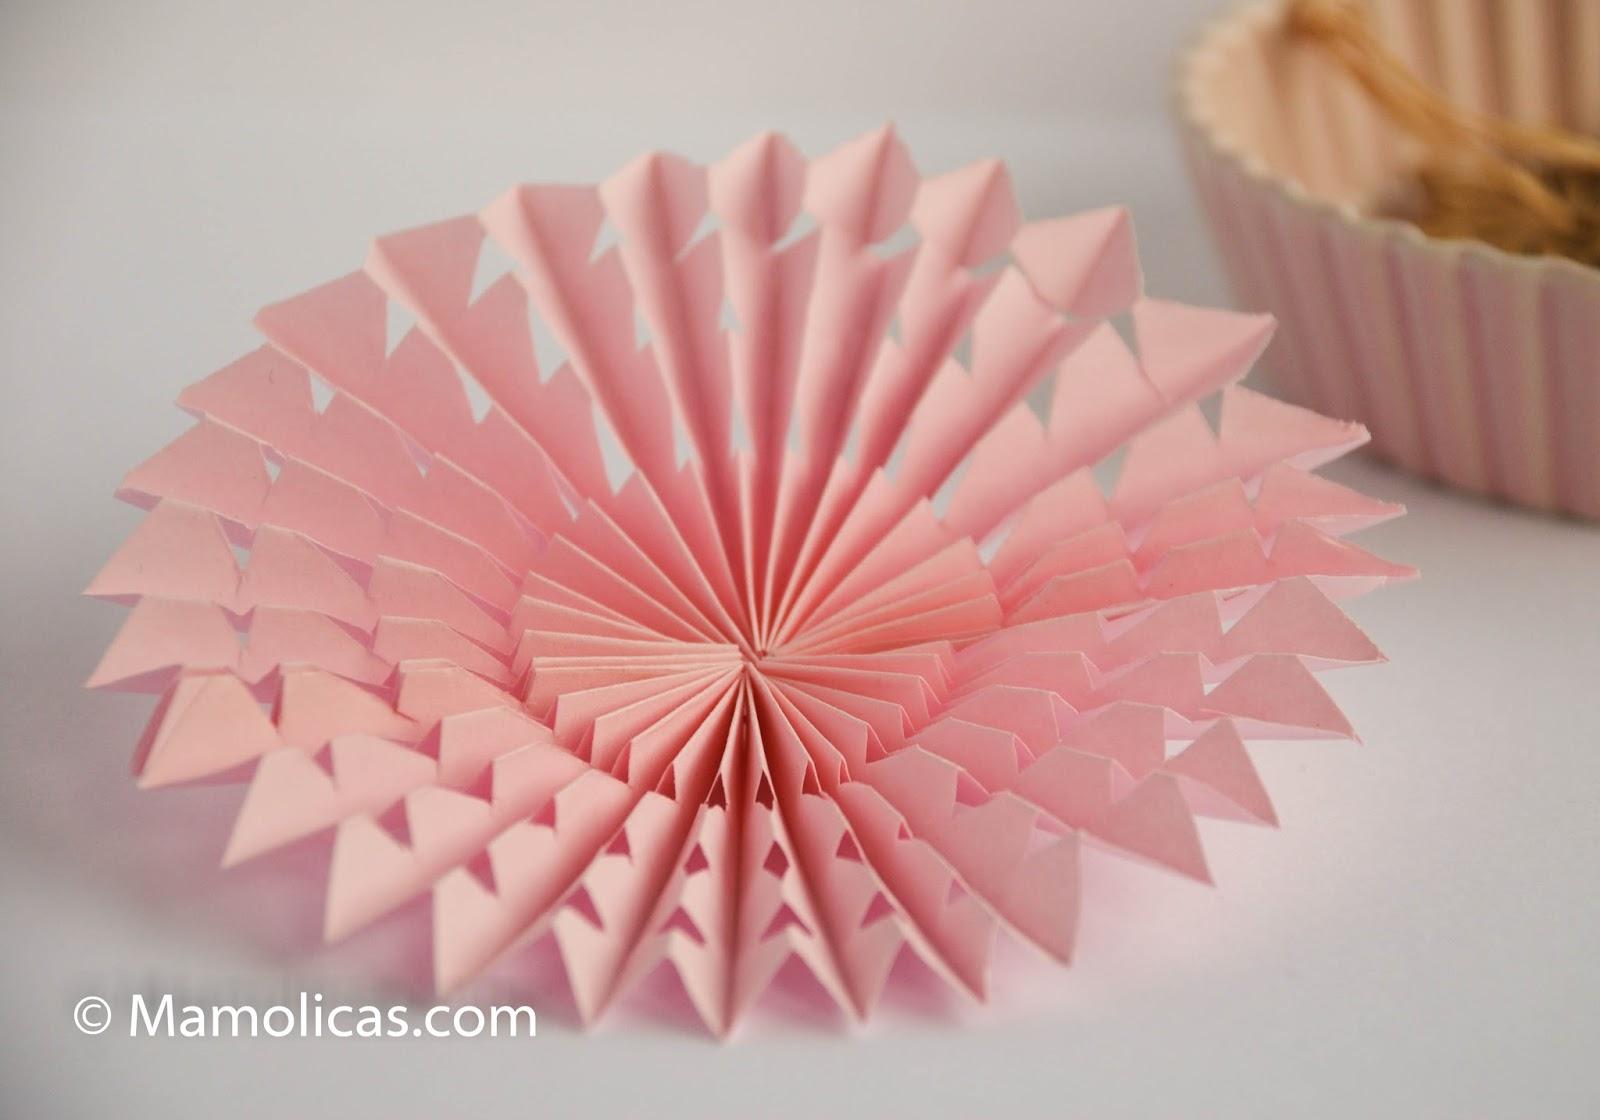 Mamolicas adornos navidad con papel plegado - Adornos de papel para navidad ...